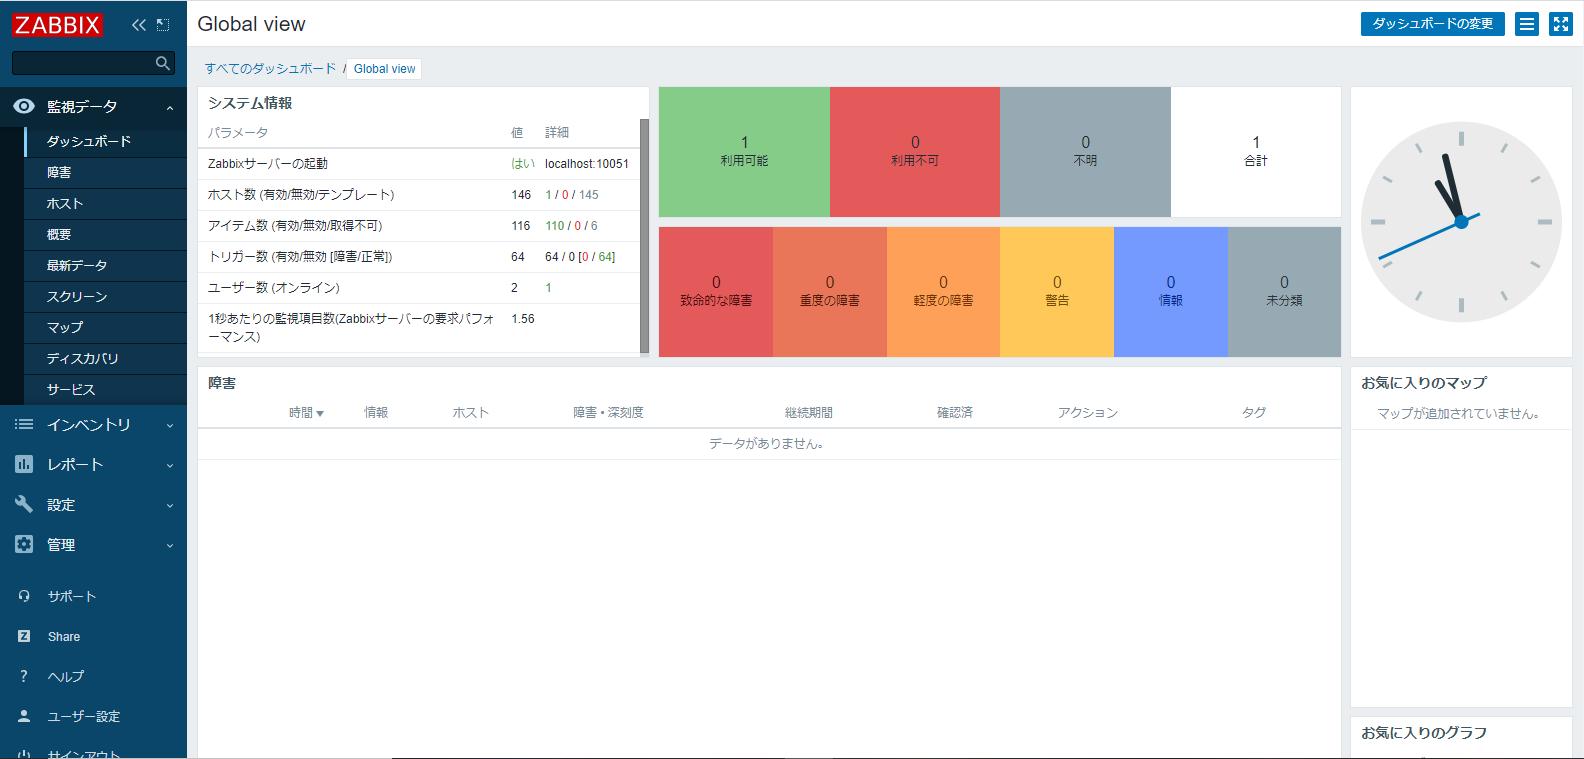 Zabbix5.0のダッシュボード画面